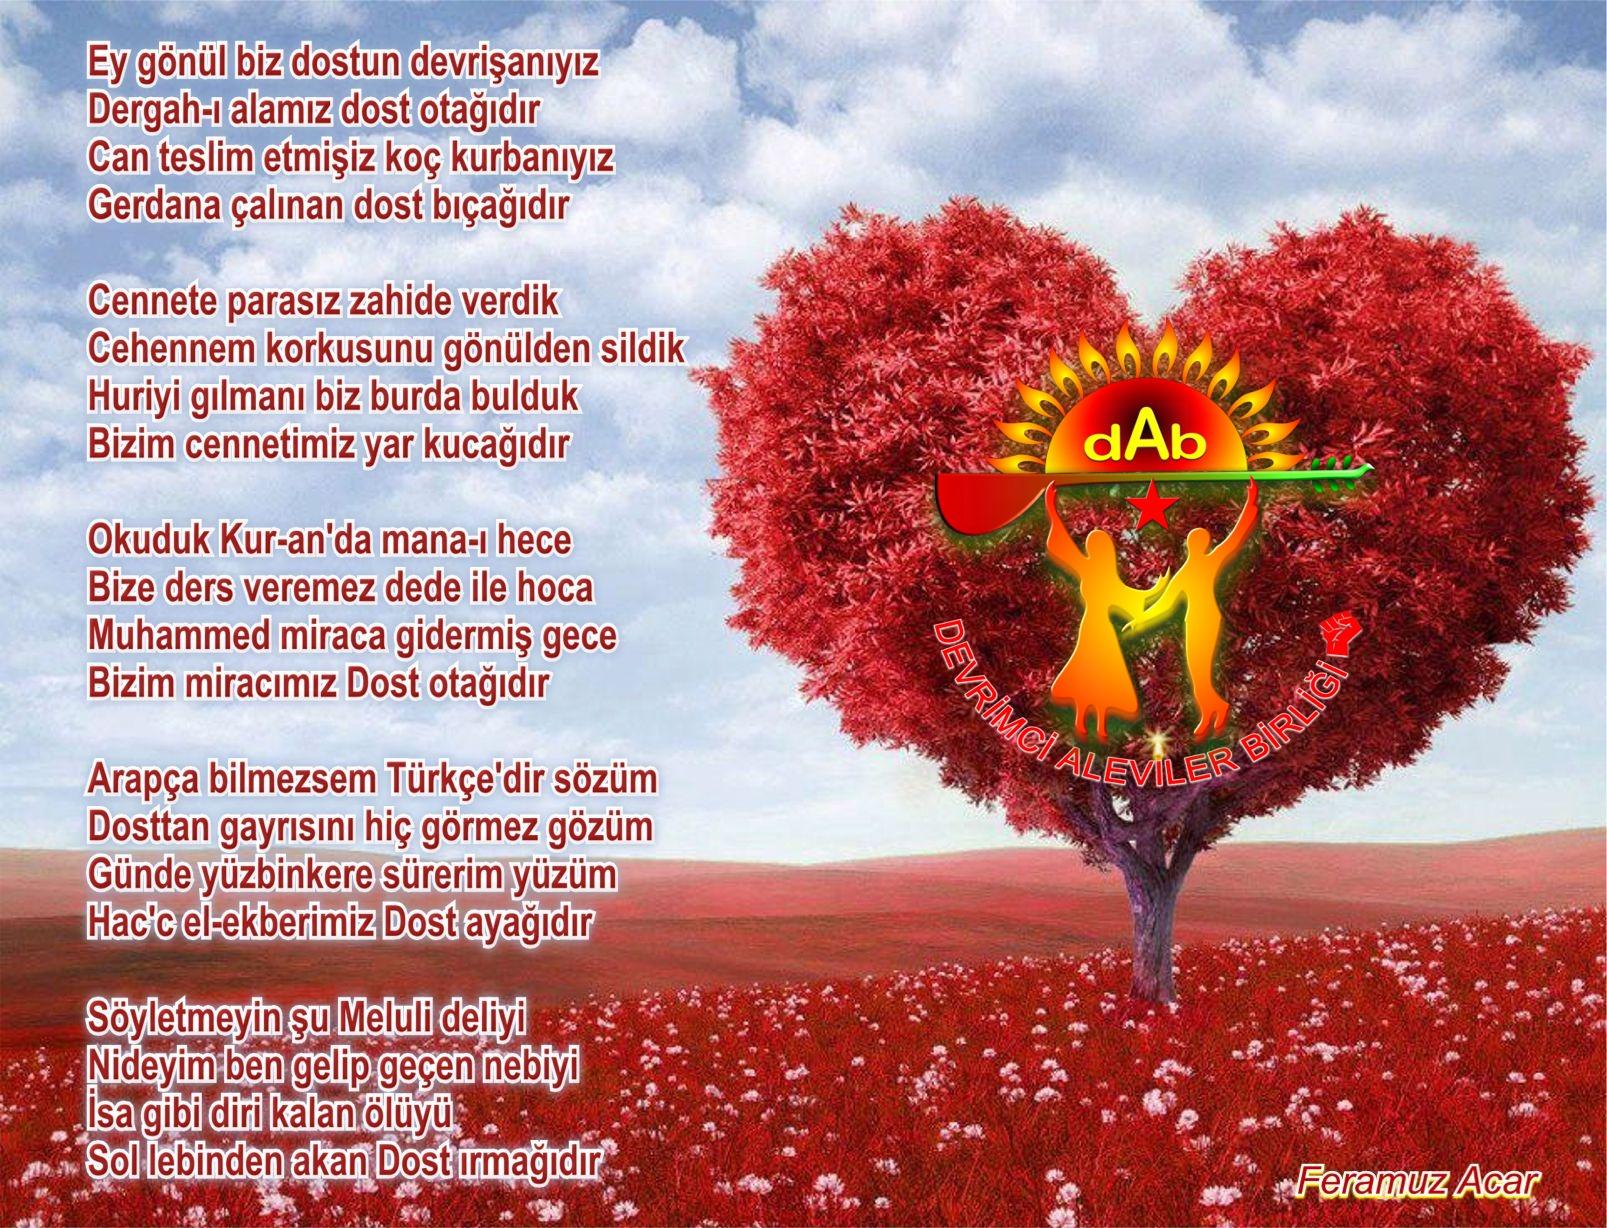 Alevi Bektaşi Kızılbaş Pir Sultan Devrimci Aleviler Birliği DAB dervisaniyiz